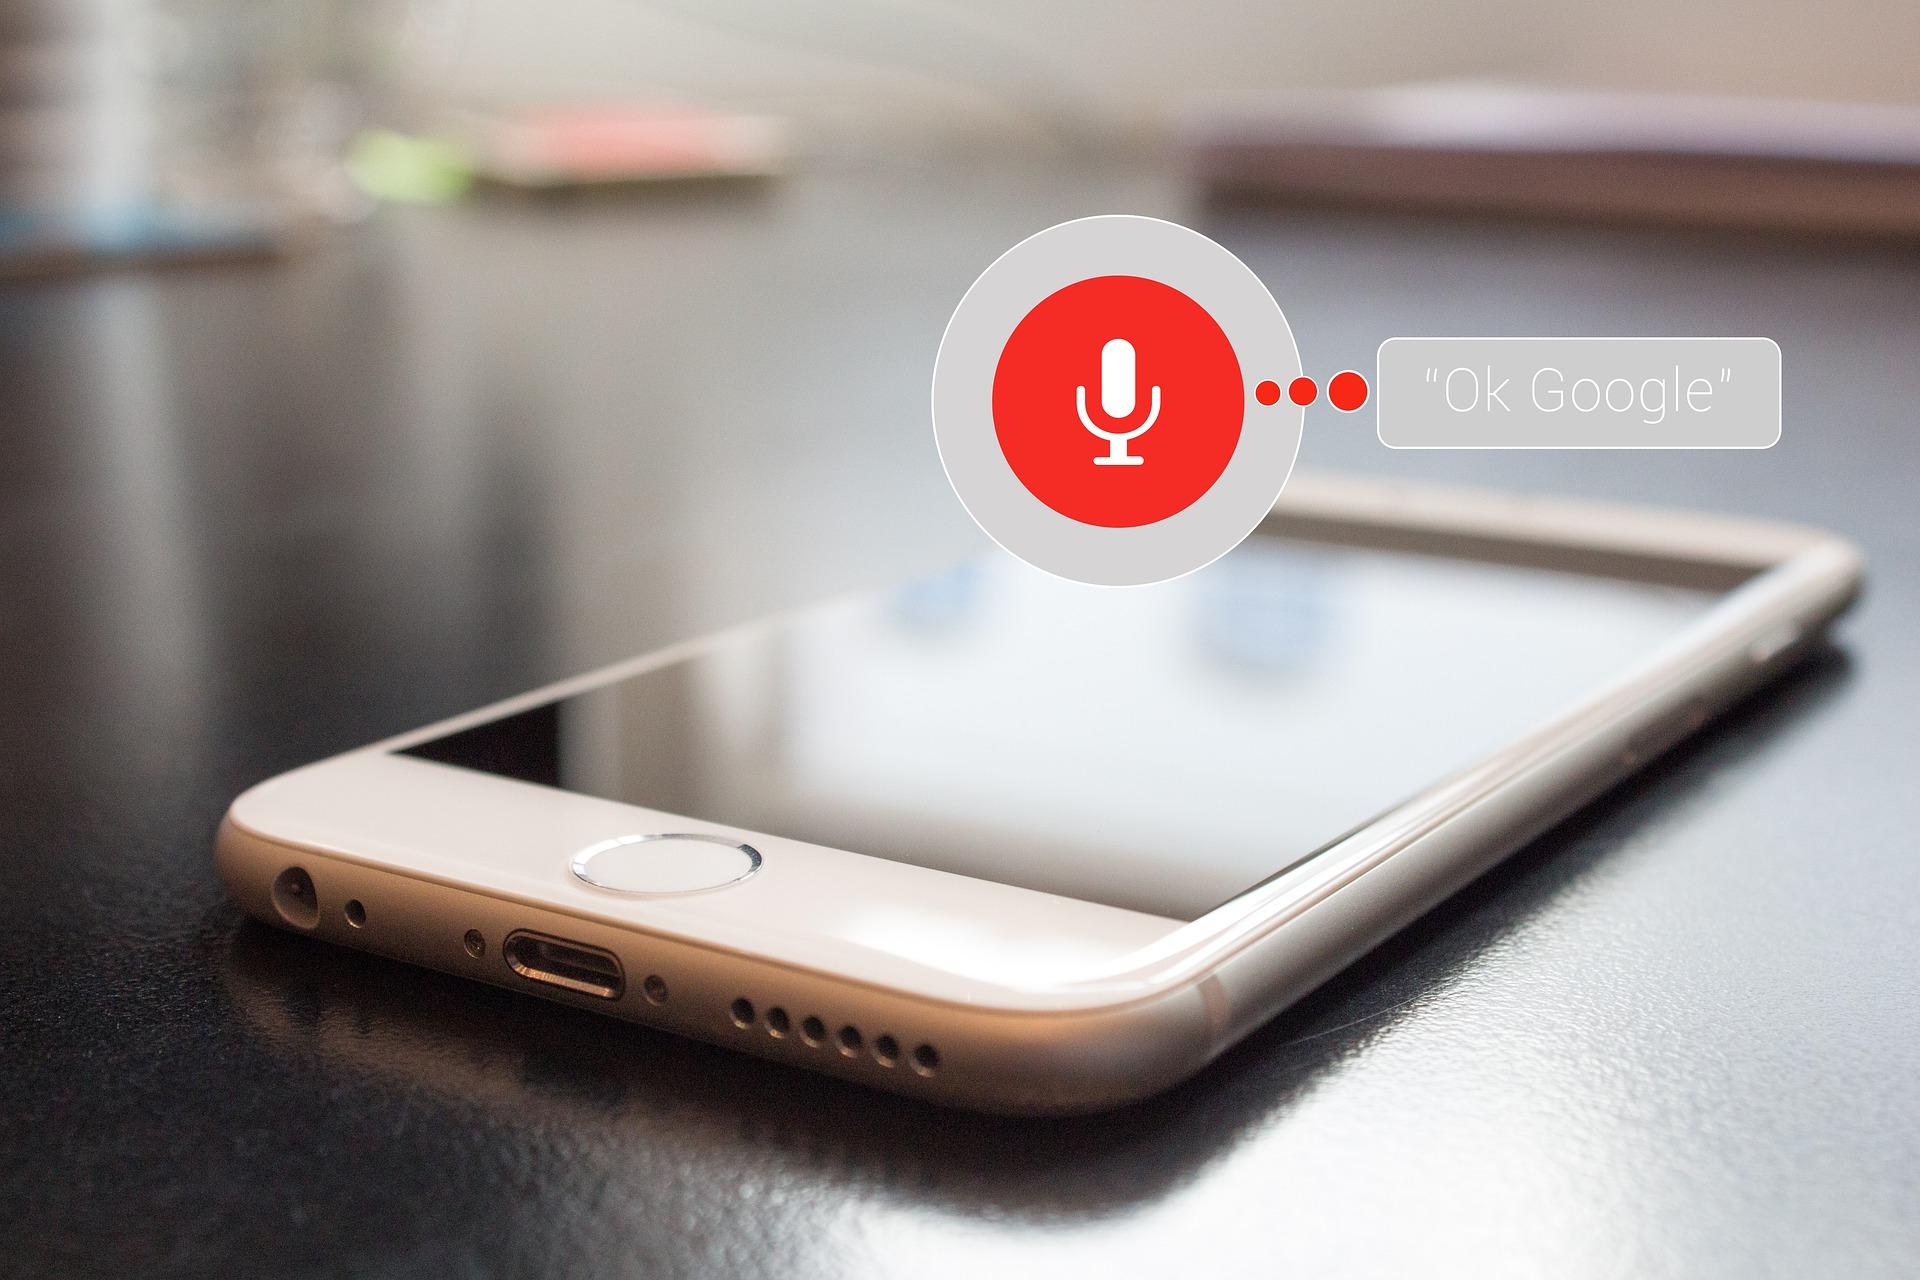 """Helles Smartohone liegt auf einer dunklen Fläche darüber ist ein Icon, das den Sprachbefehl zur Aktivierung der Sprachsuche """"Ok Google"""" abbildet"""